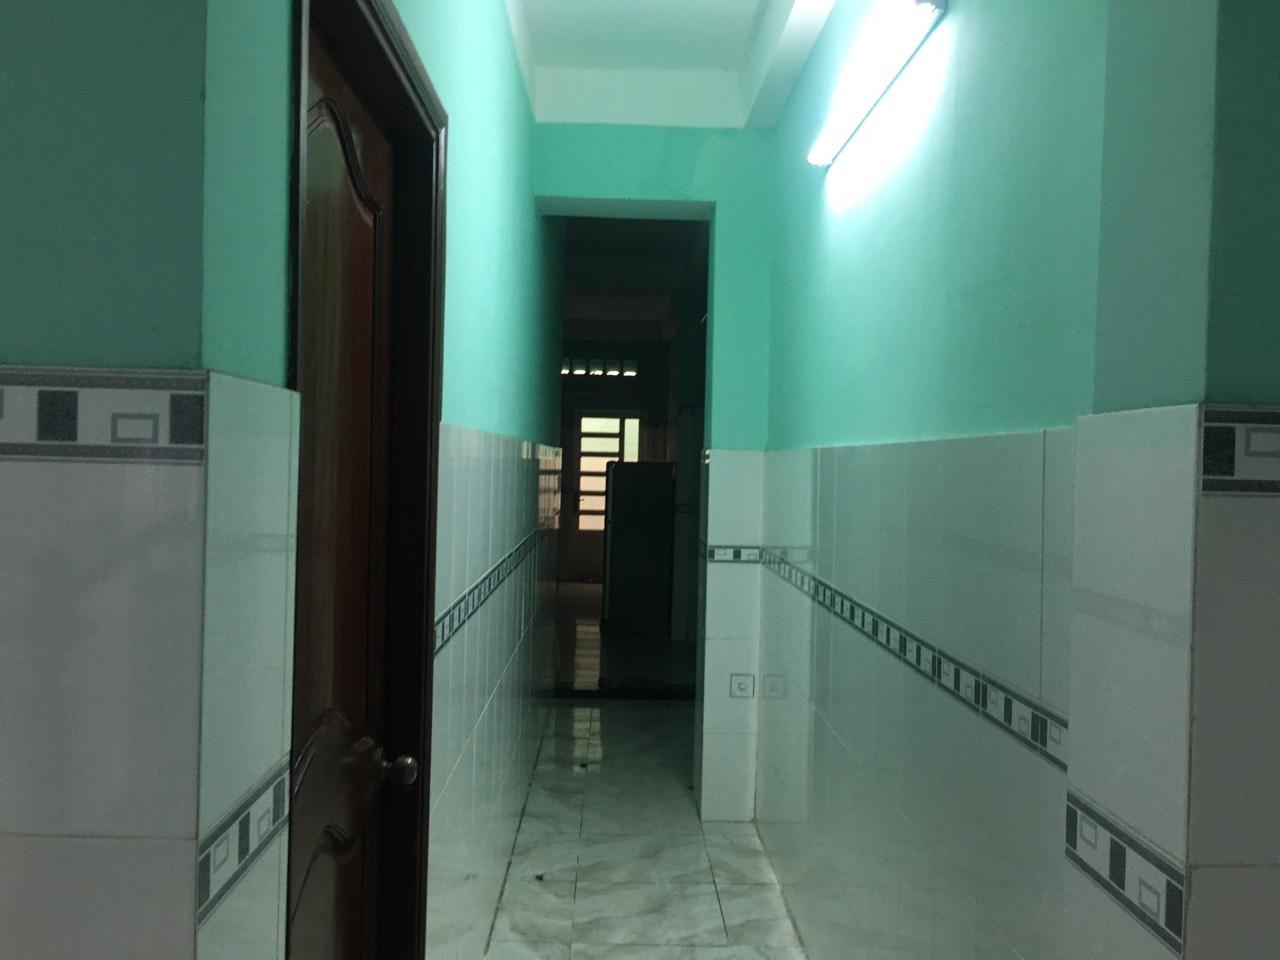 Bán nhà Mặt tiền đường số 10 phường Bình Hưng Hòa B quận Bình Tân giá rẻ